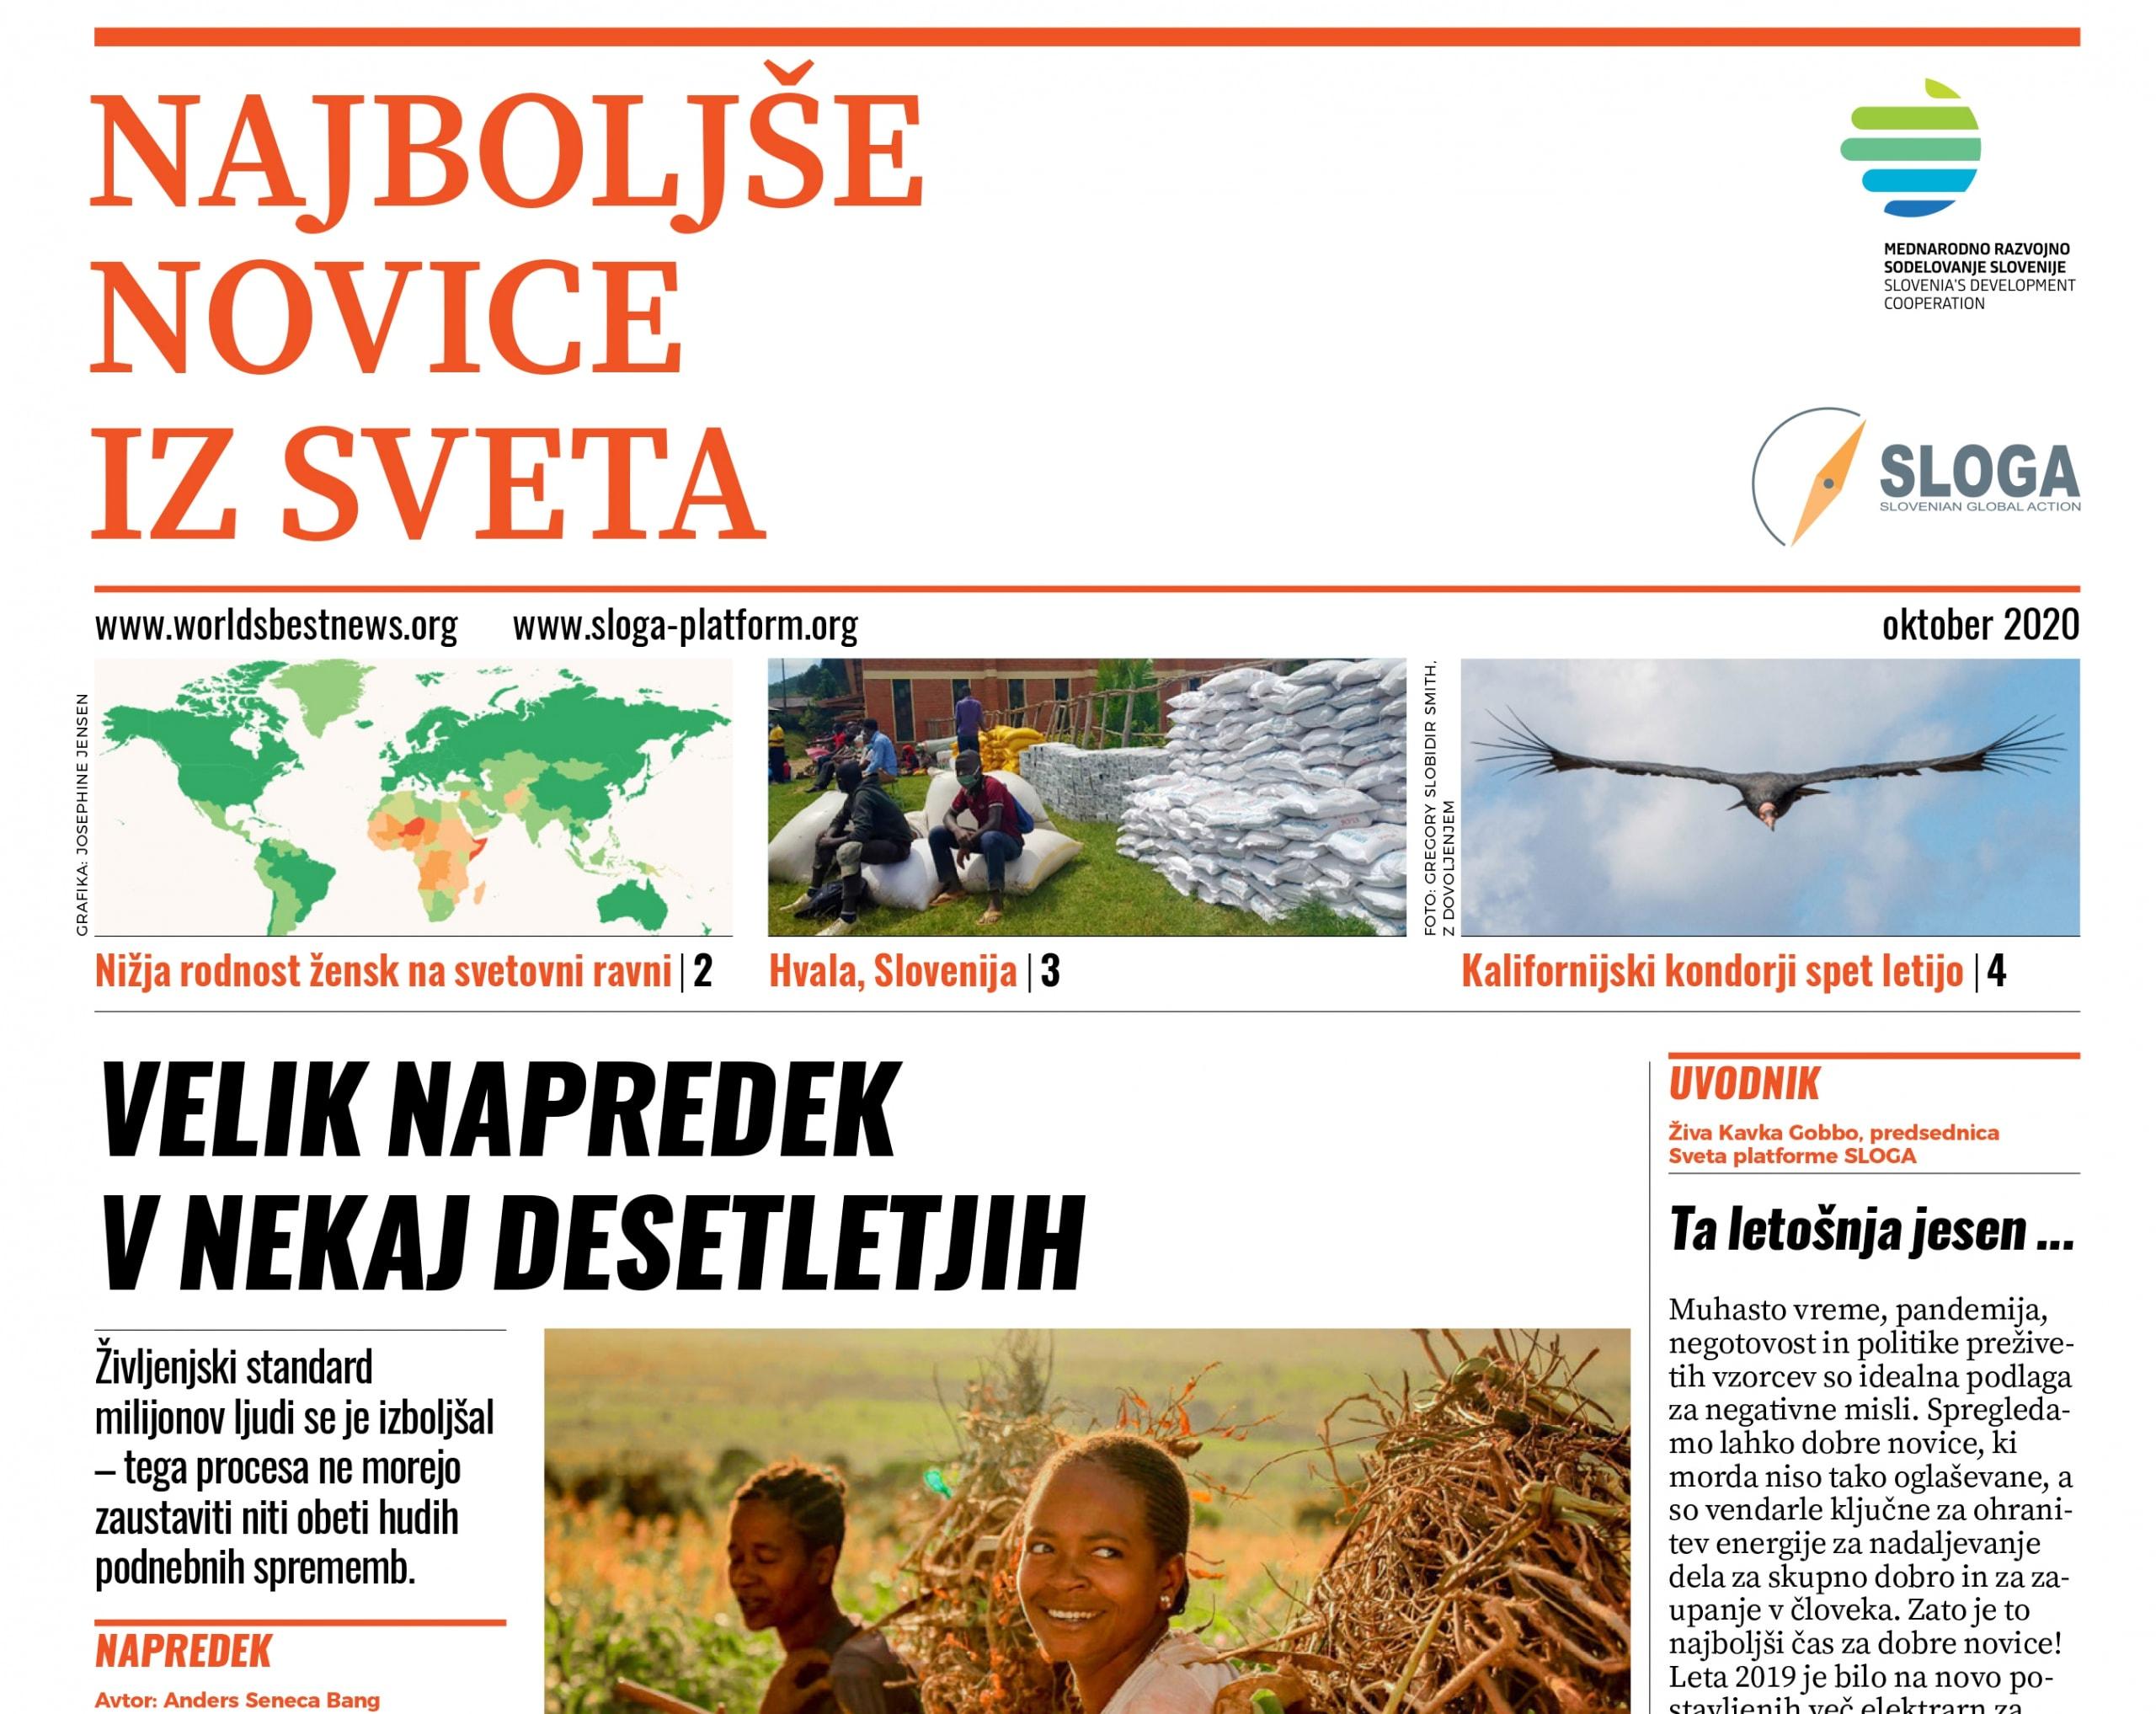 SPOROČILO ZA JAVNOST: Nova izdaja Najboljših novic iz sveta v slovenščini